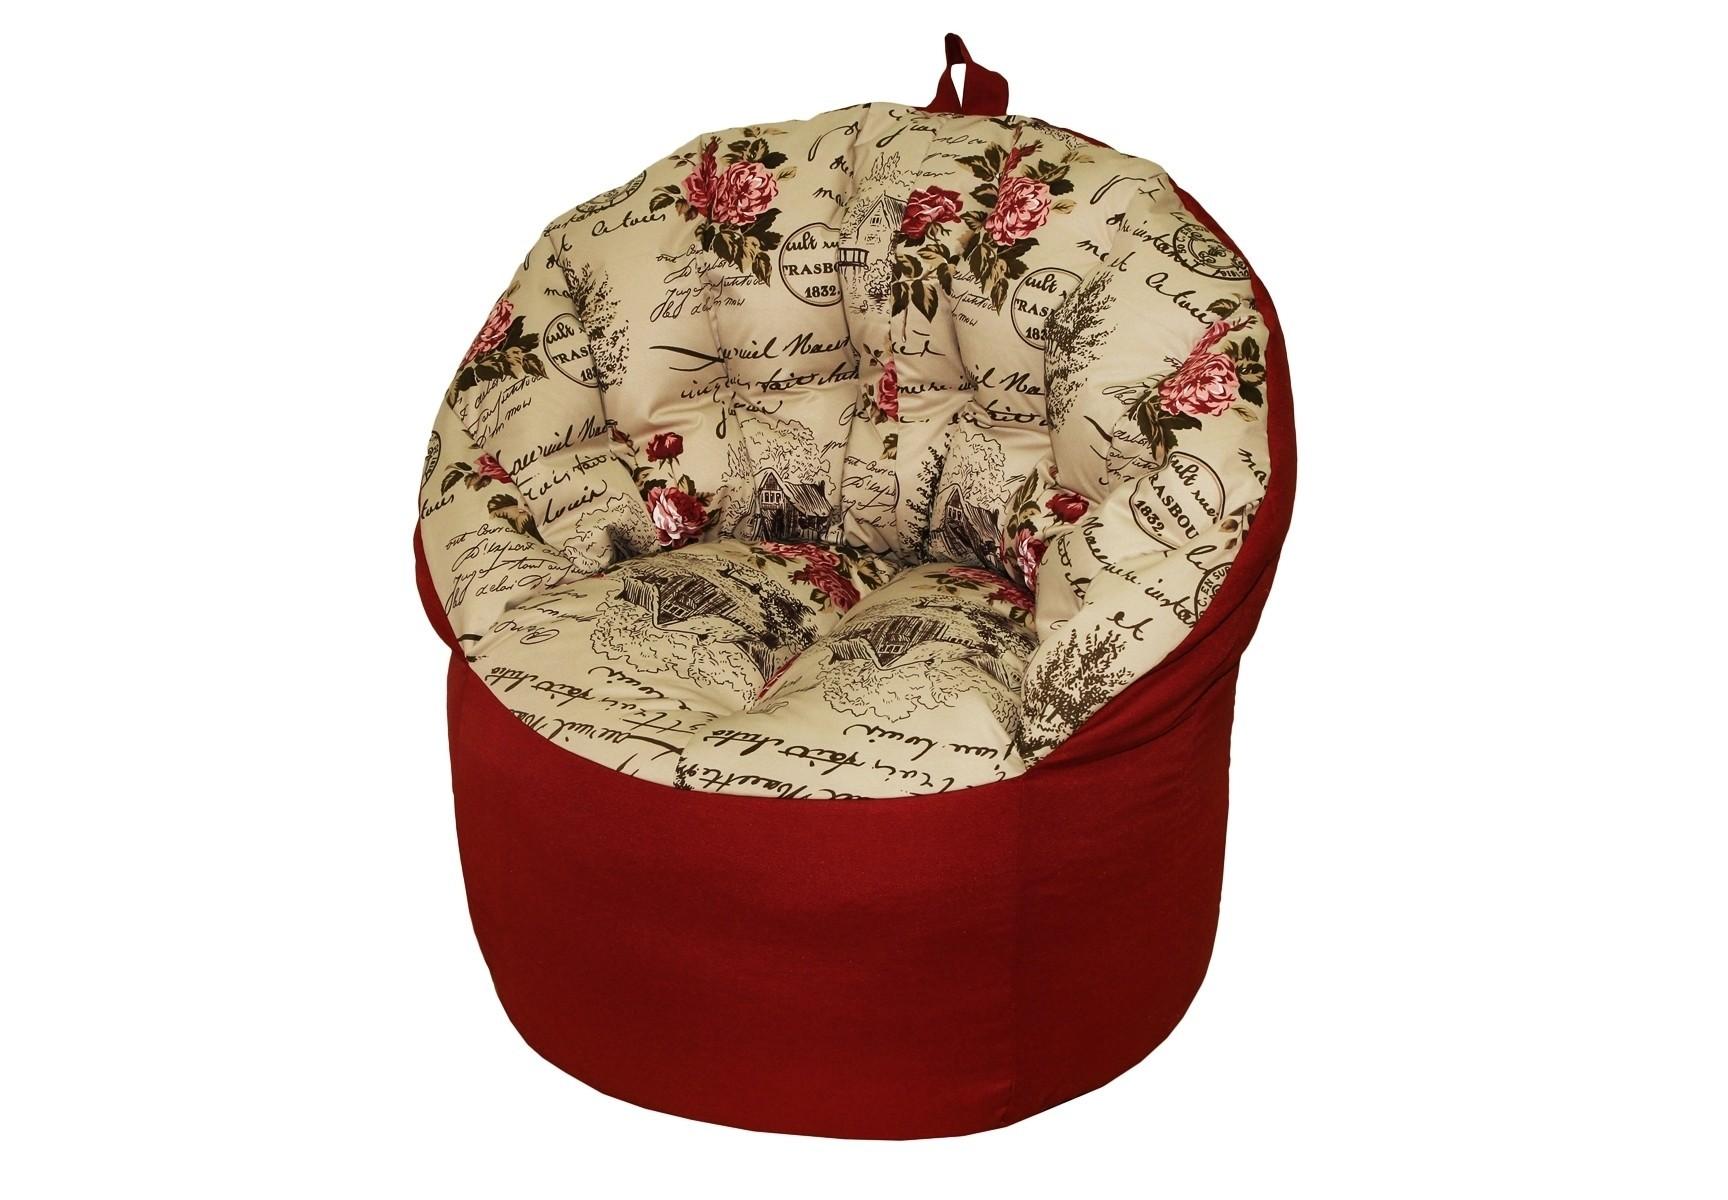 Кресло-пуфФорменные пуфы<br>Комфортное кресло-пуф станет неотьемлемой частью вашего дома. Спинка кресла держит форму и обеспечивает круговую поддержку для спины за счет особой системы пошива. Кресло имеет 2 независимых отсека для наполнителя. Эксклюзивная   ткань разбавит ваш интерьер яркими красками.<br><br>Material: Текстиль<br>Length см: None<br>Width см: 91<br>Depth см: 85<br>Height см: 79